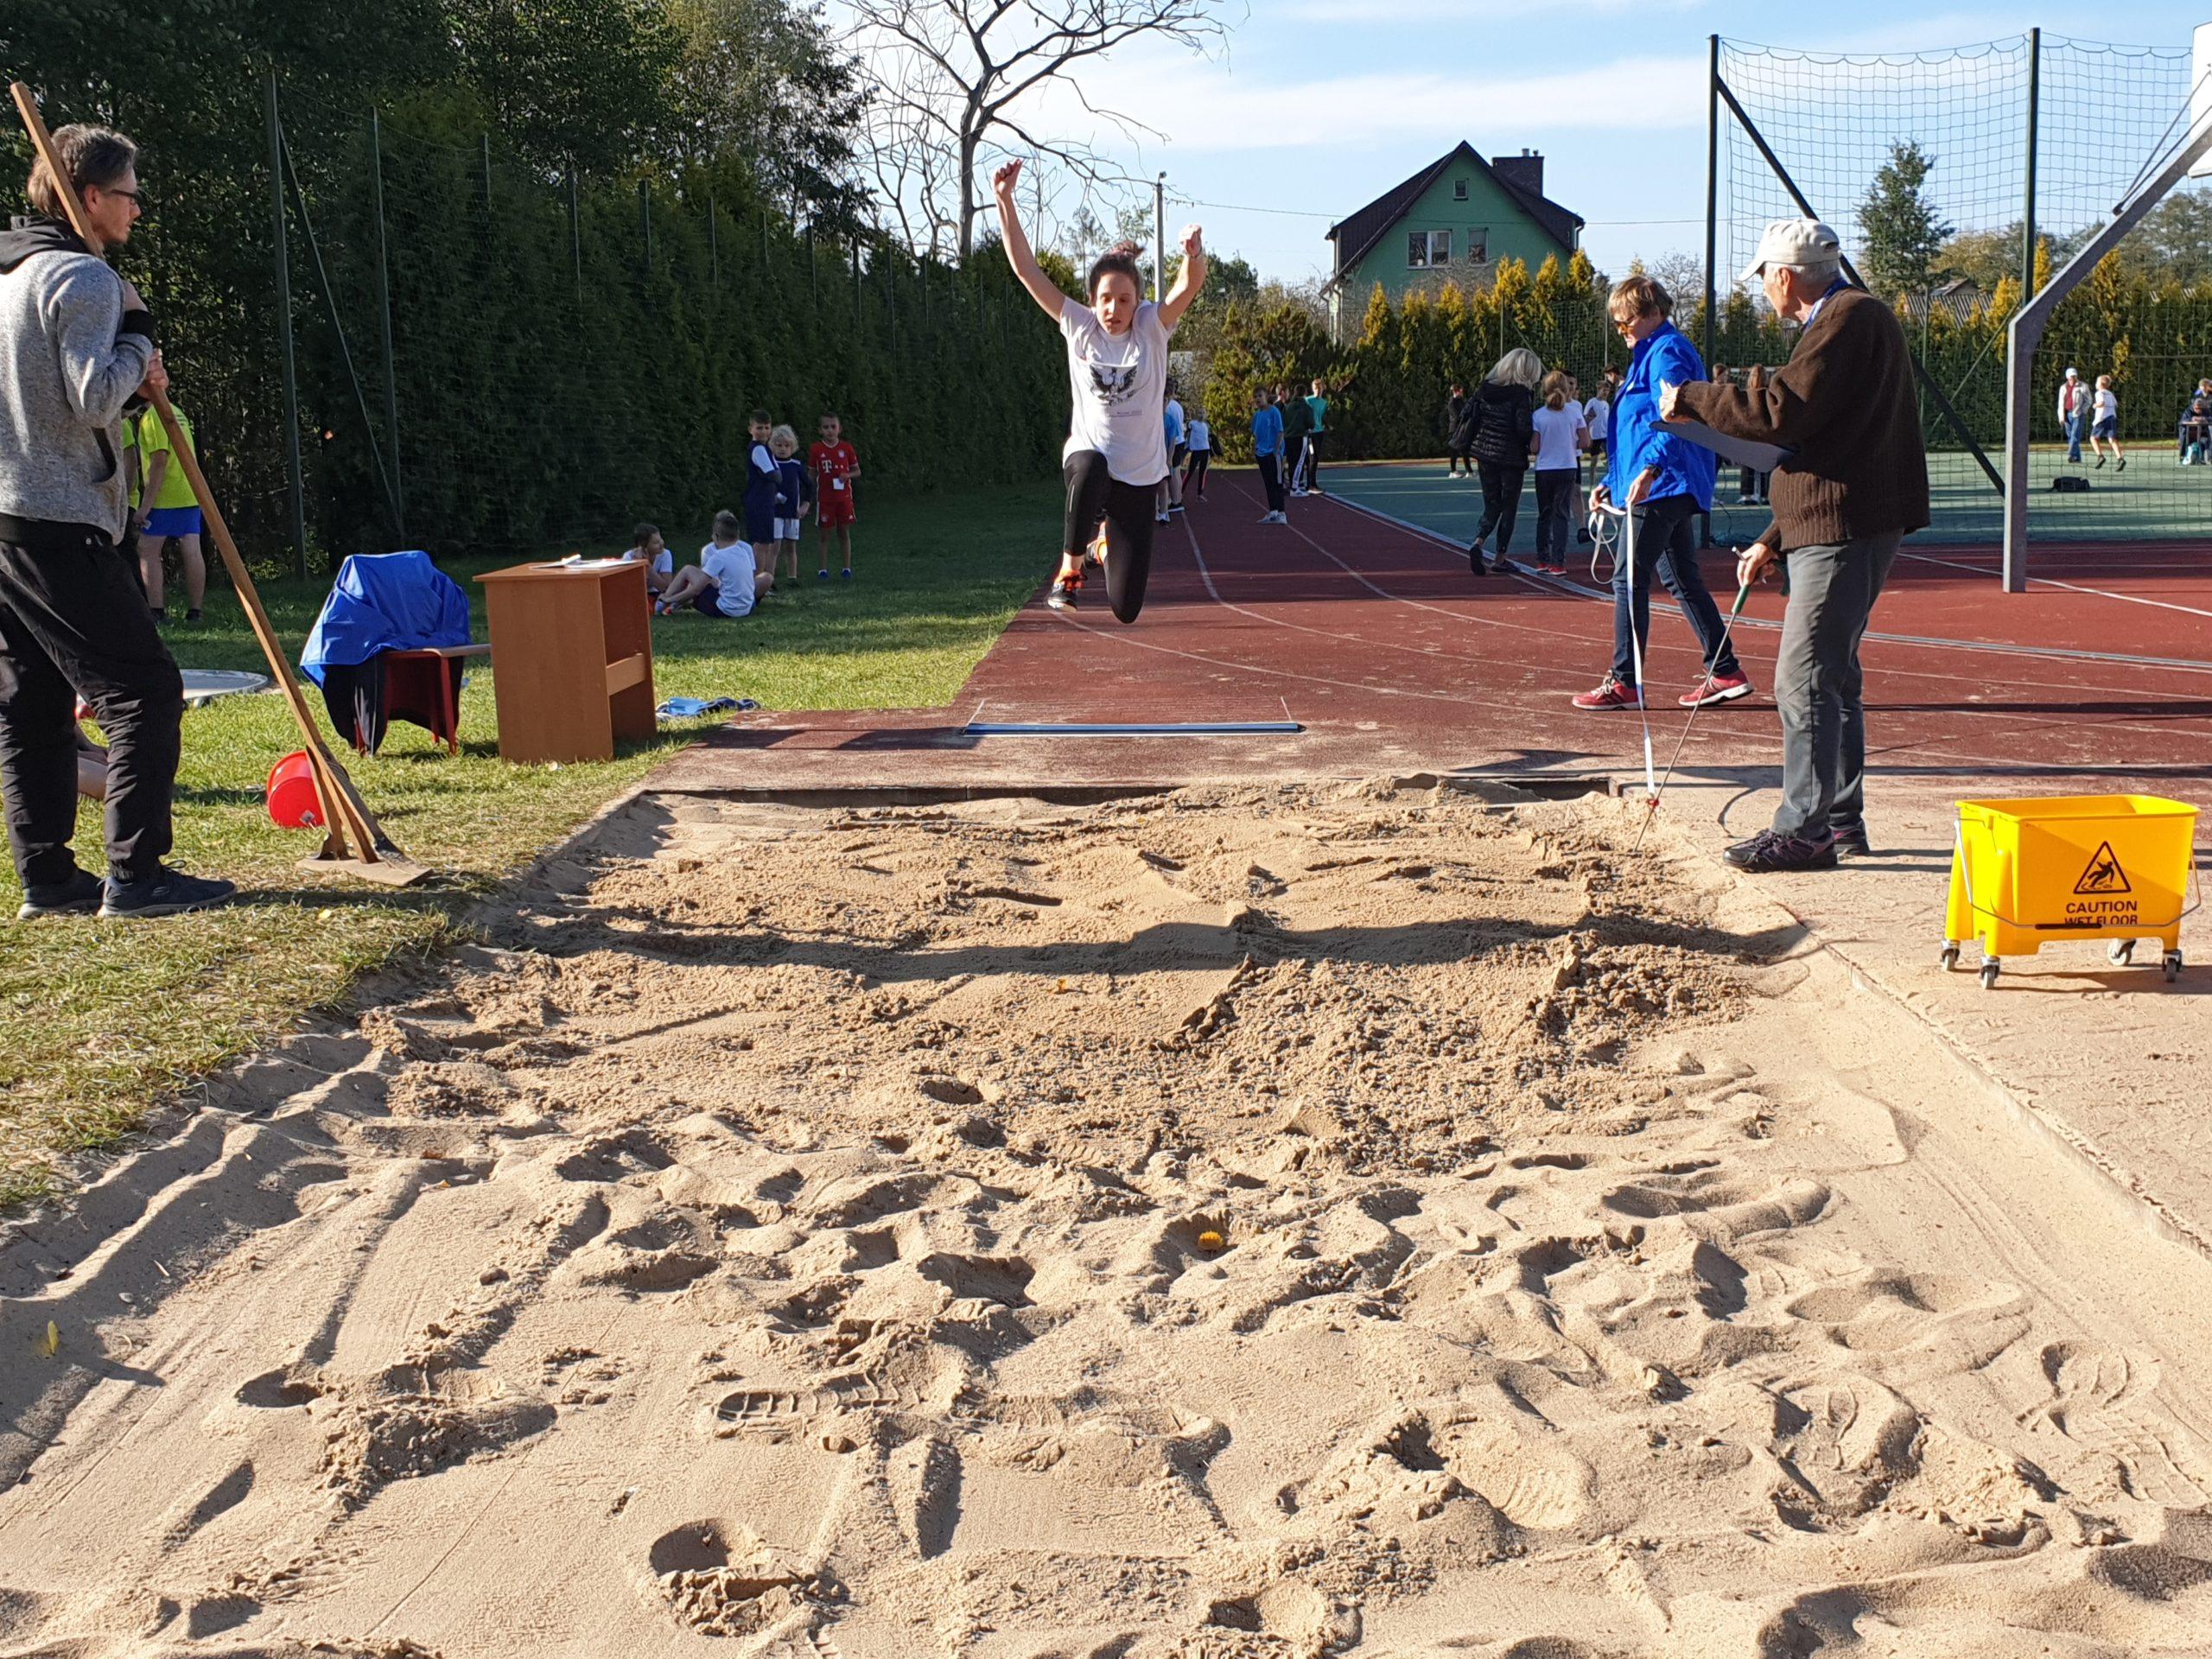 Do rywalizacji podczas inauguracji XIV Regionalnych Czwartków Lekkoatletycznych w Gliniance stanęło pięć reprezentacji szkół oraz UKS-ów